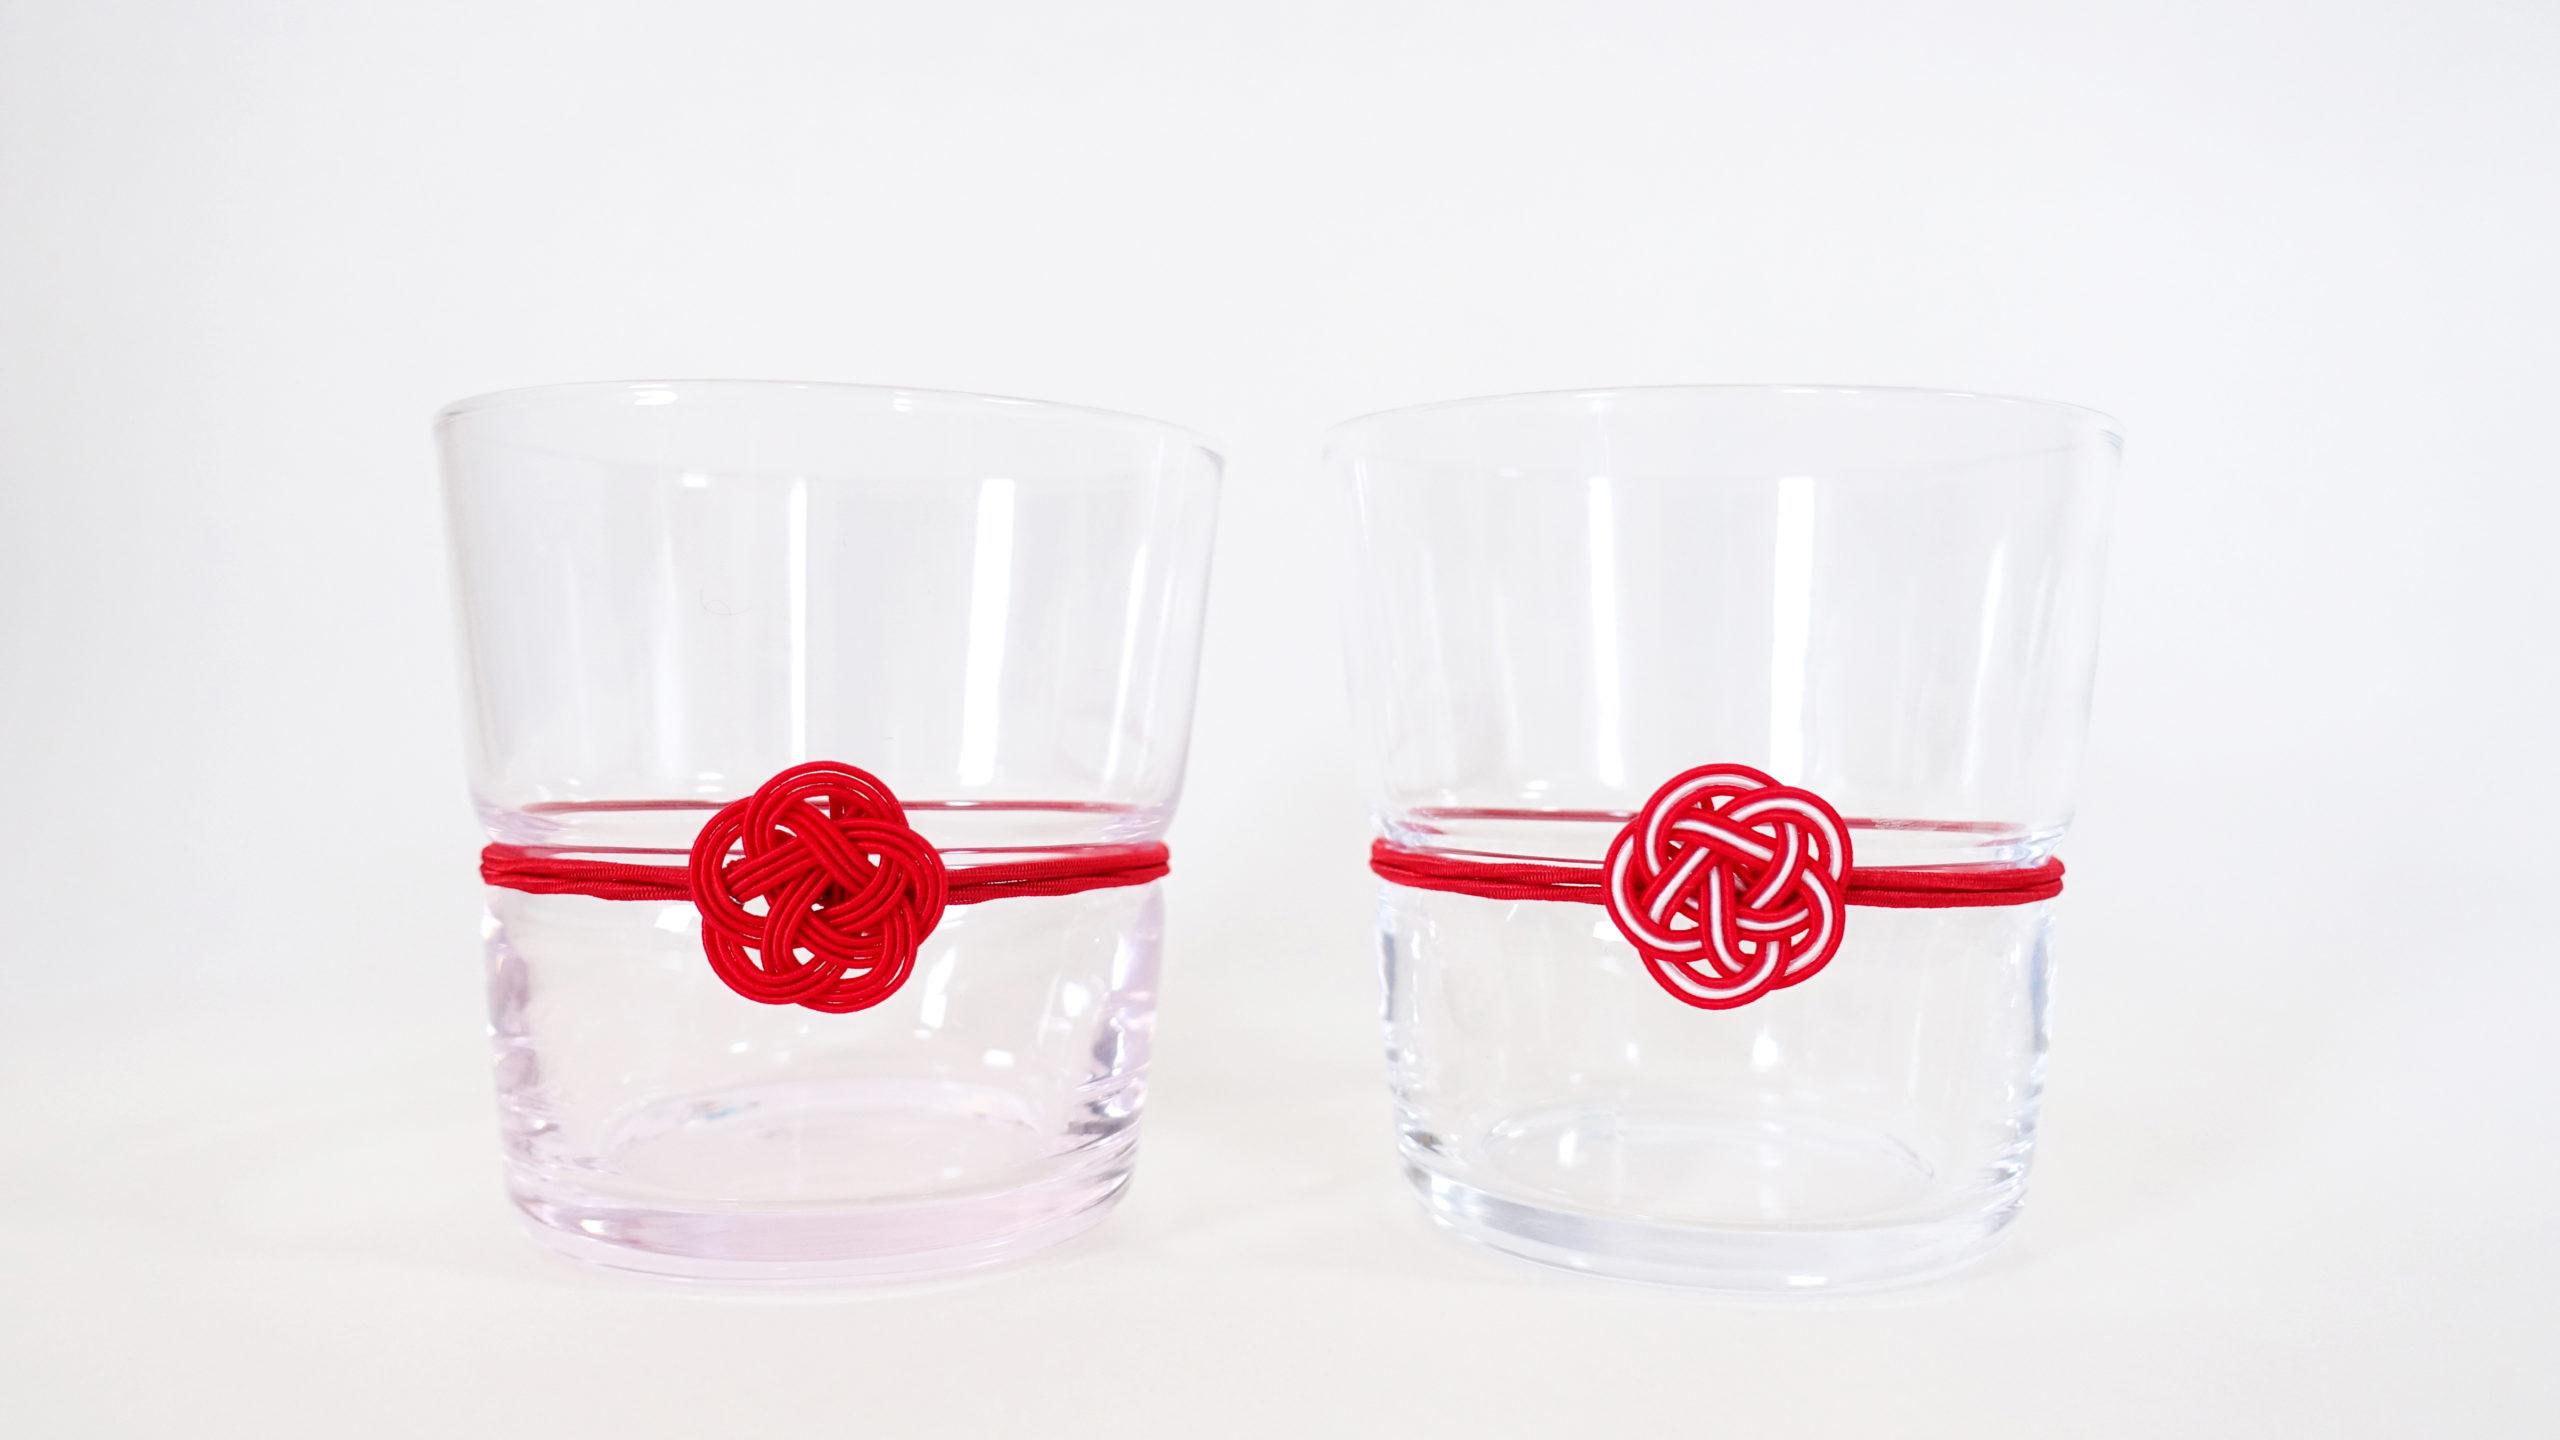 東急ハンズにて「ゆいグラス」を販売開始いたしました